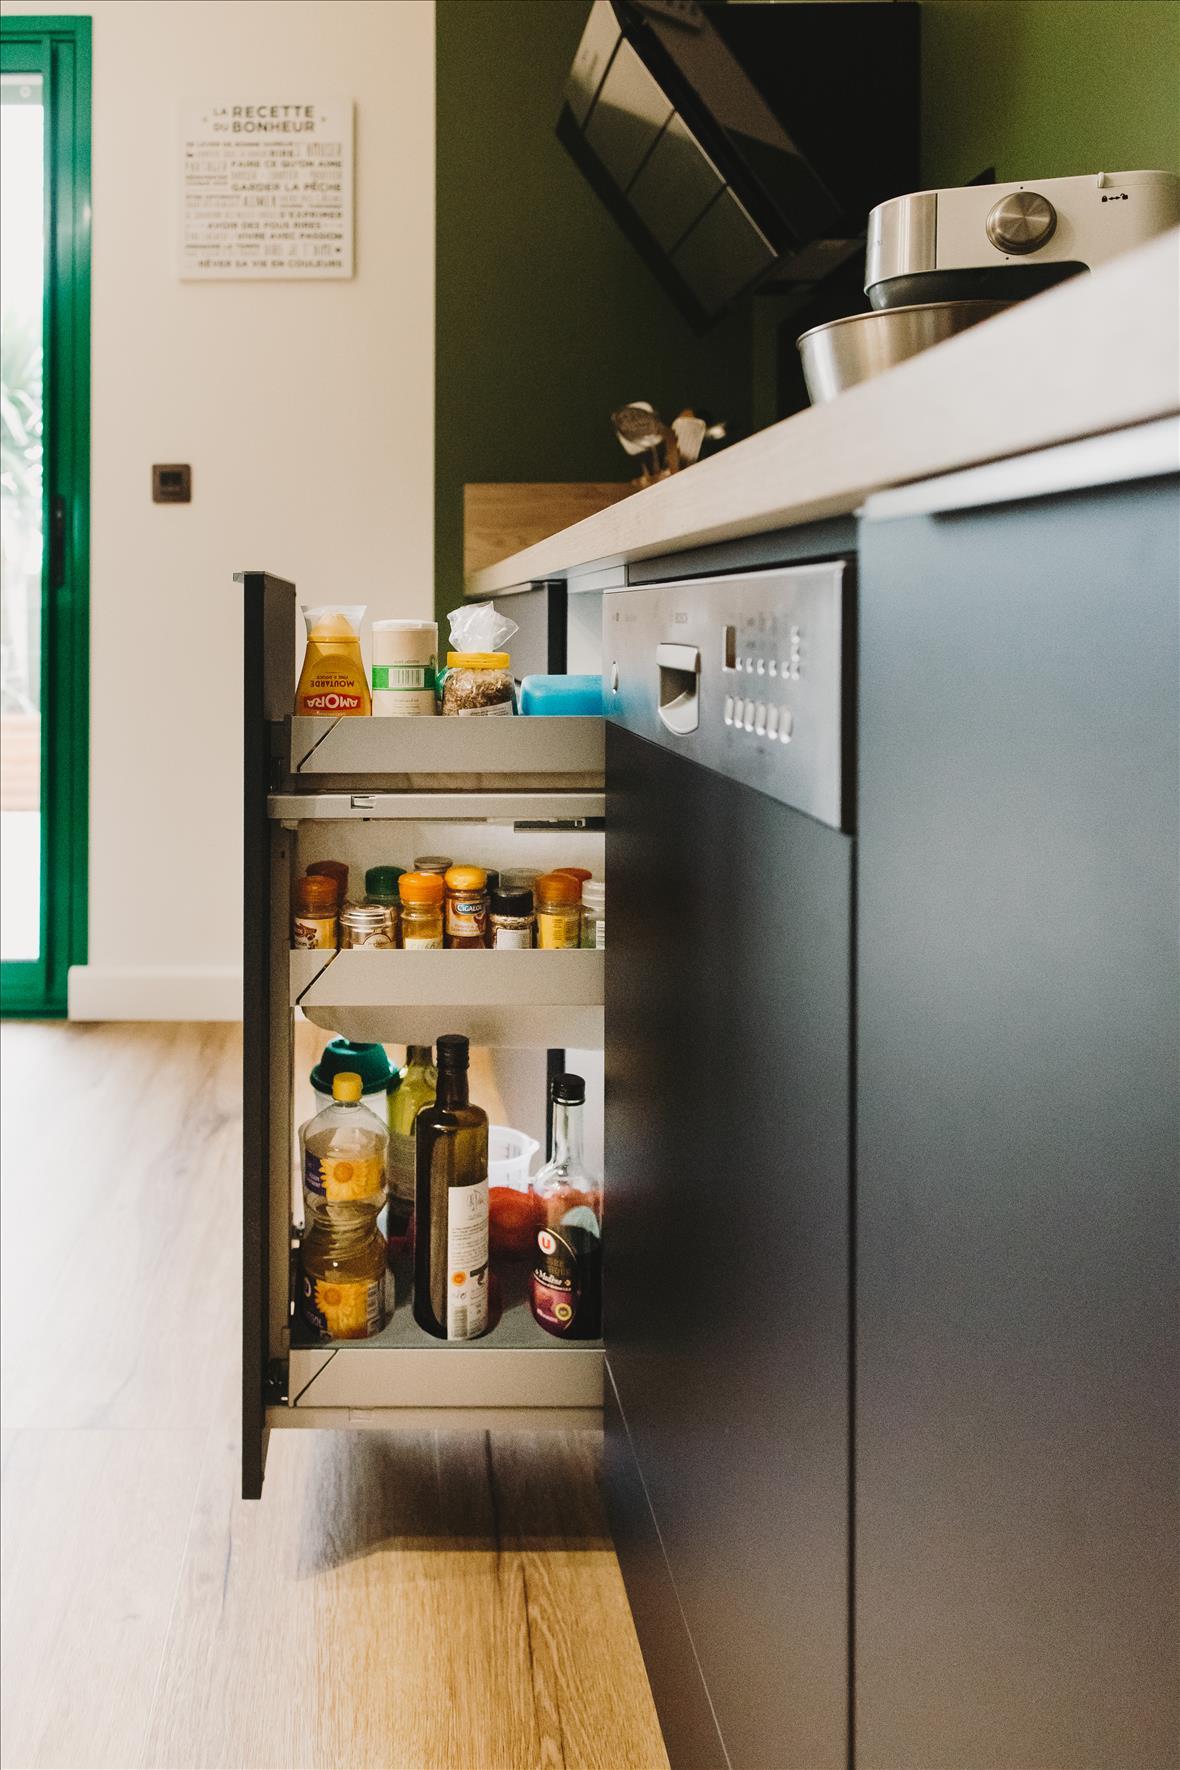 Cuisine de style contemporain bois  par Vanessa GERAUX | Raison Home - 8